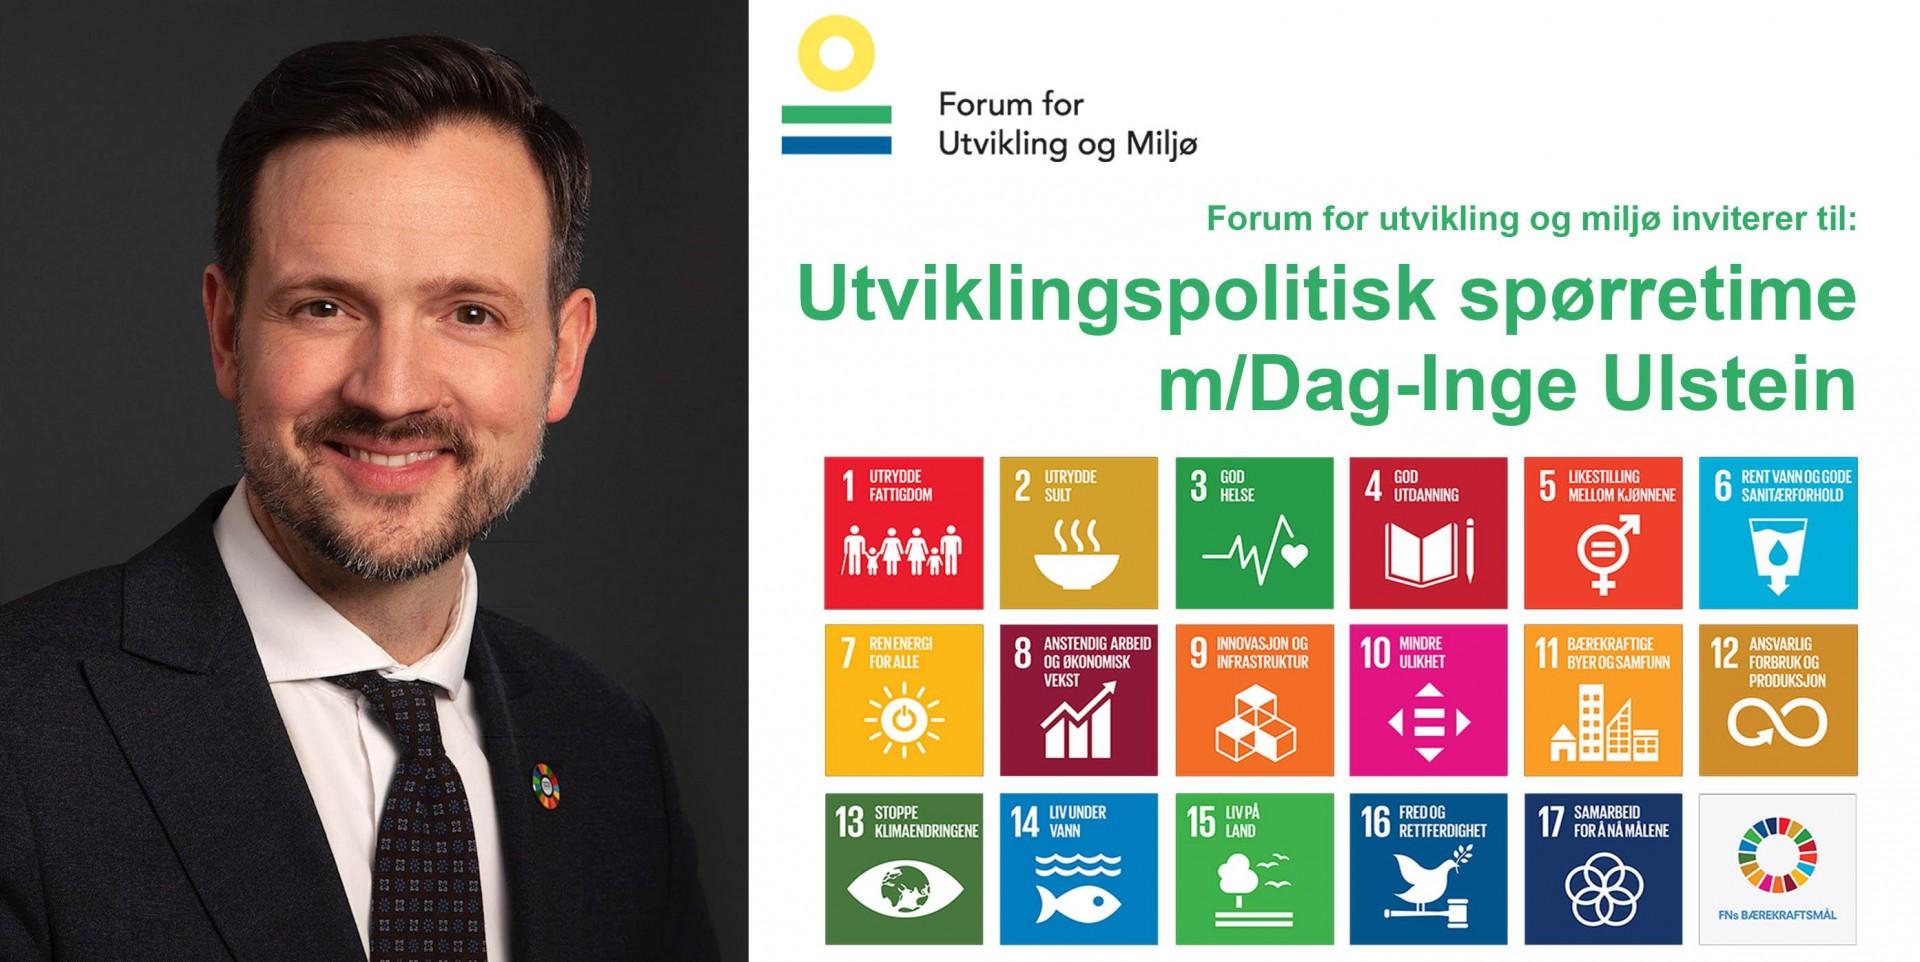 Utviklingspolitisk spørretime med Dag-Inge Ulstein